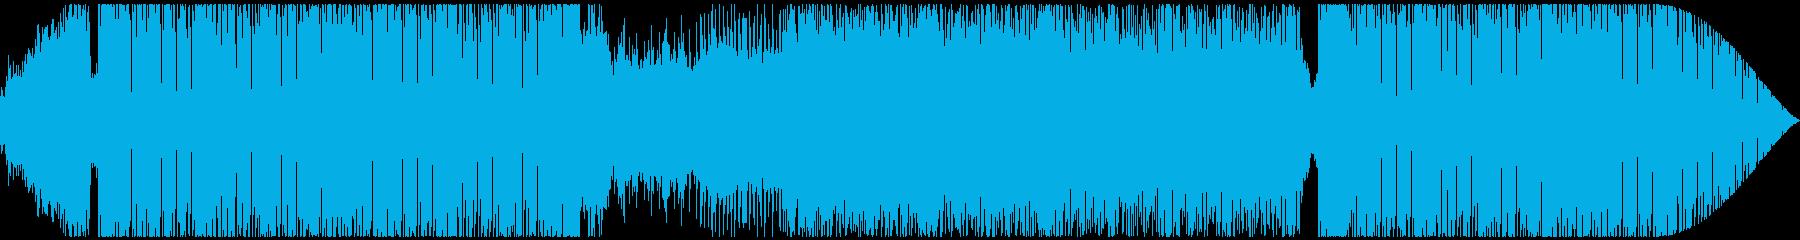 戦闘開始2・近未来的サイバー・疾走感の再生済みの波形